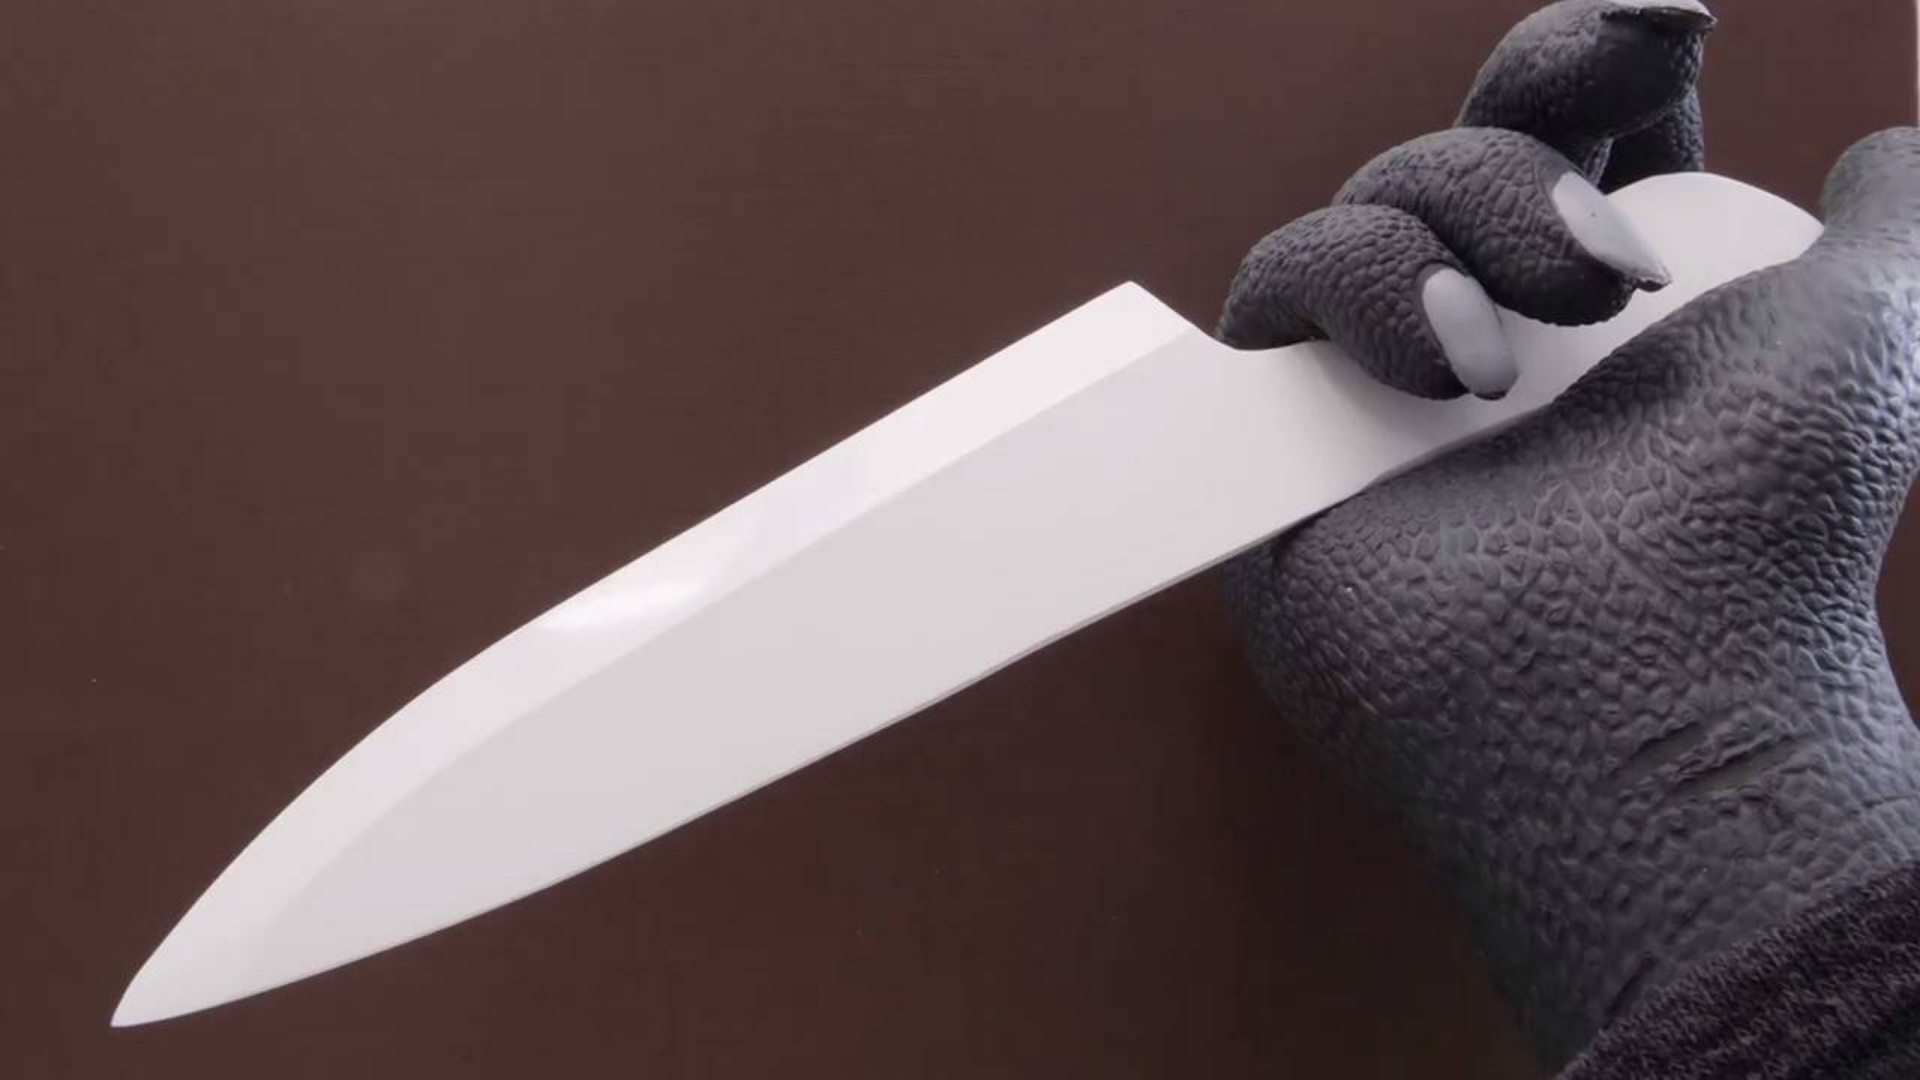 【磨刀小哥】用海水制作一把厨刀